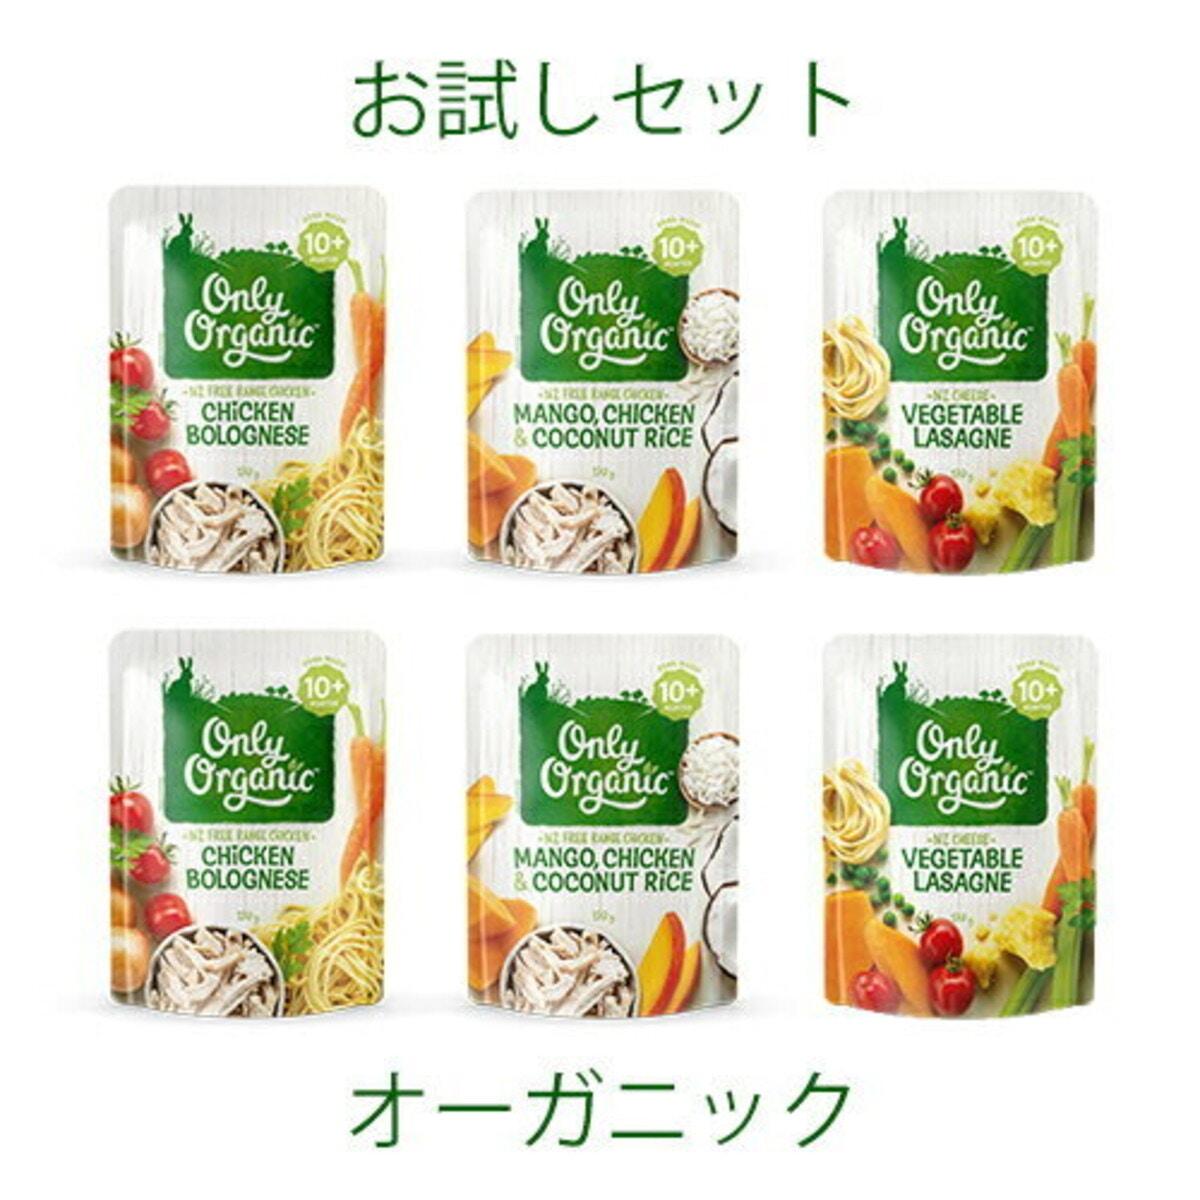 Only Organic 「オーガニックベビーフードお試しセット」